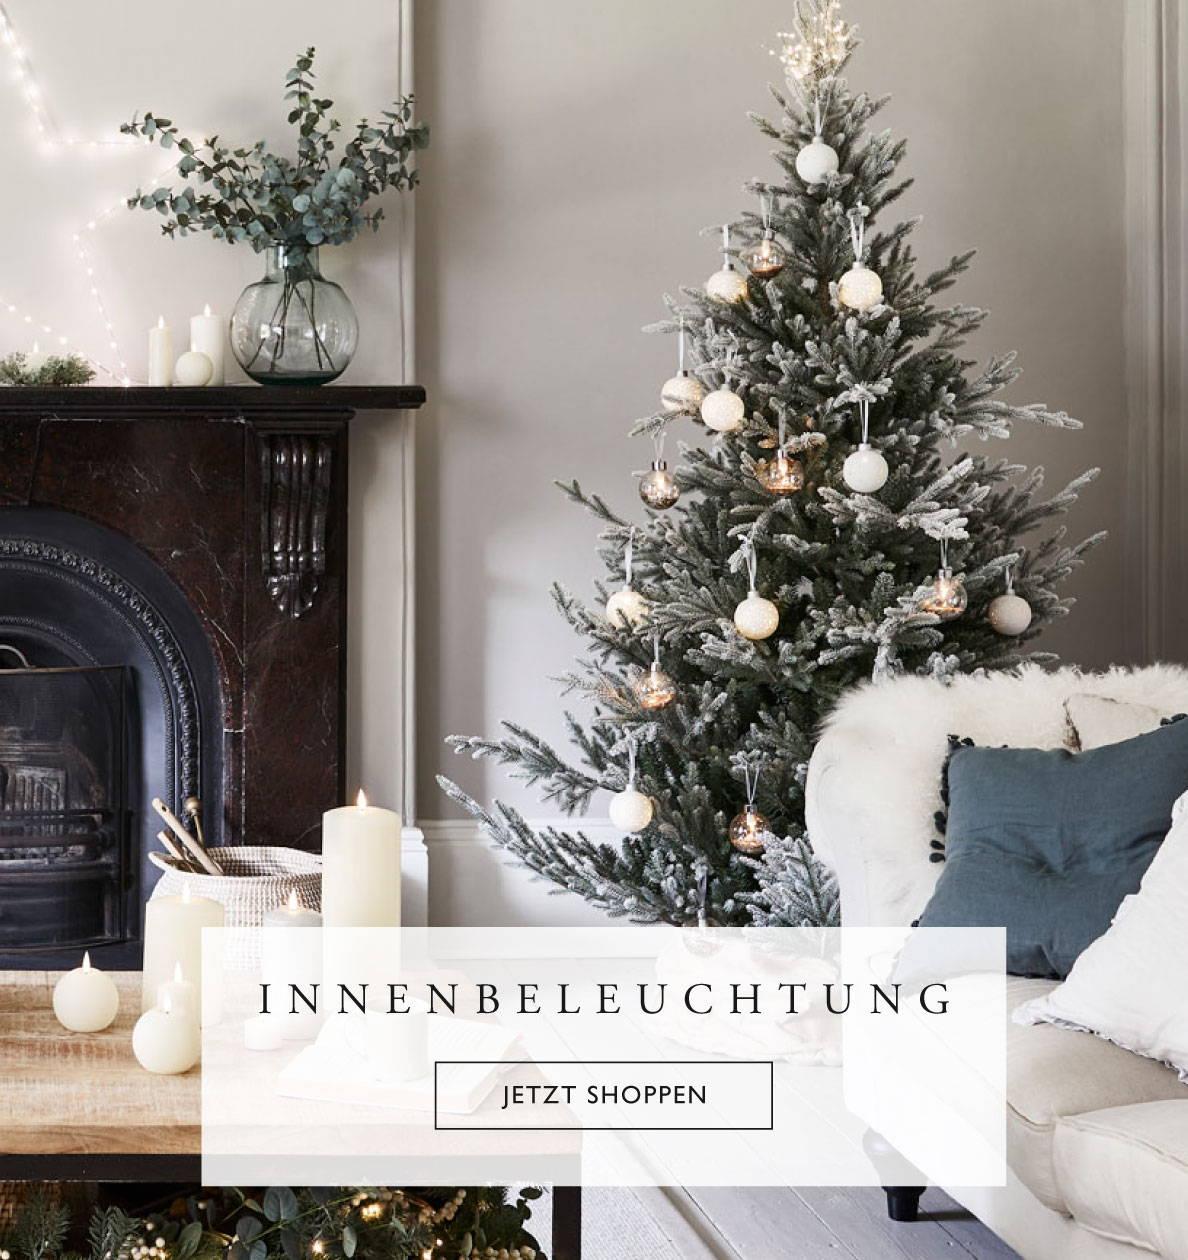 Wohnzimmer mit geschmücktem Weihnachtsbaum, Kamin, Sofa und Kerzen